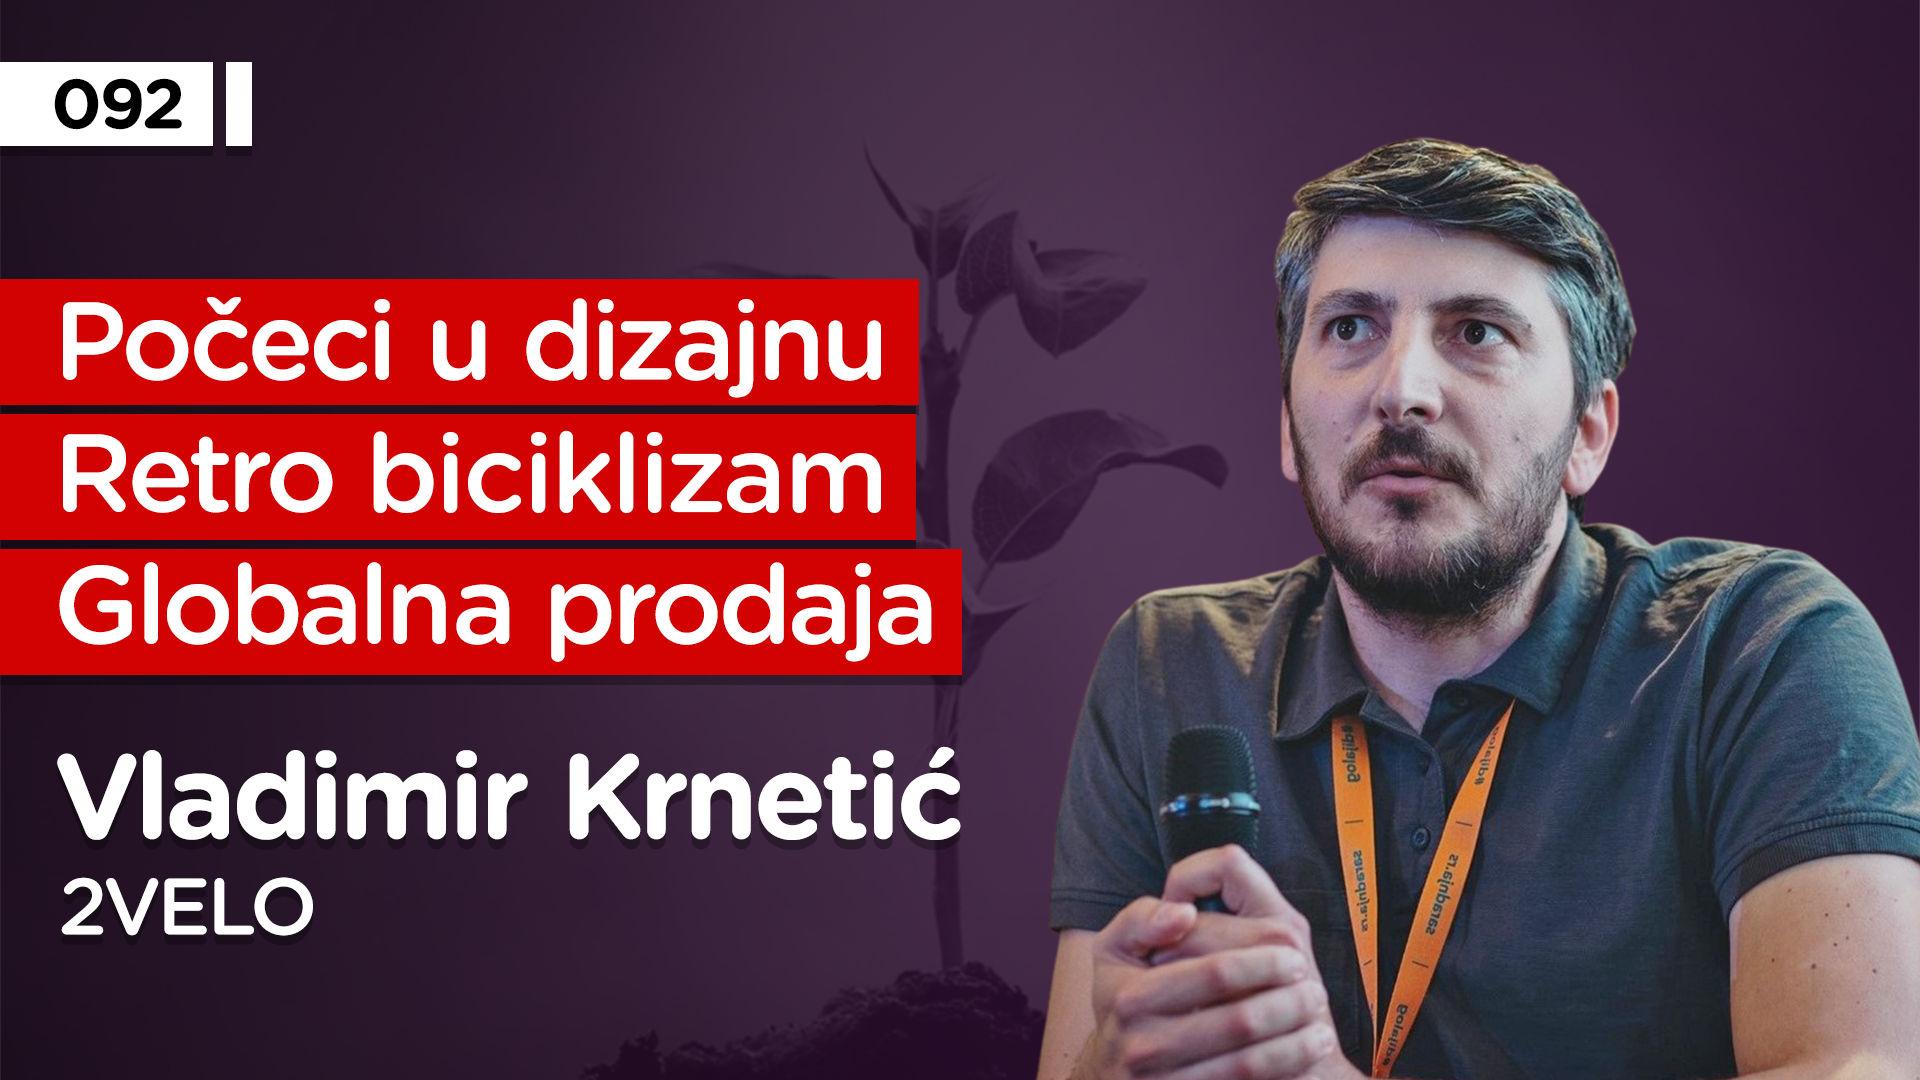 EP092: Vladimir Krnetić